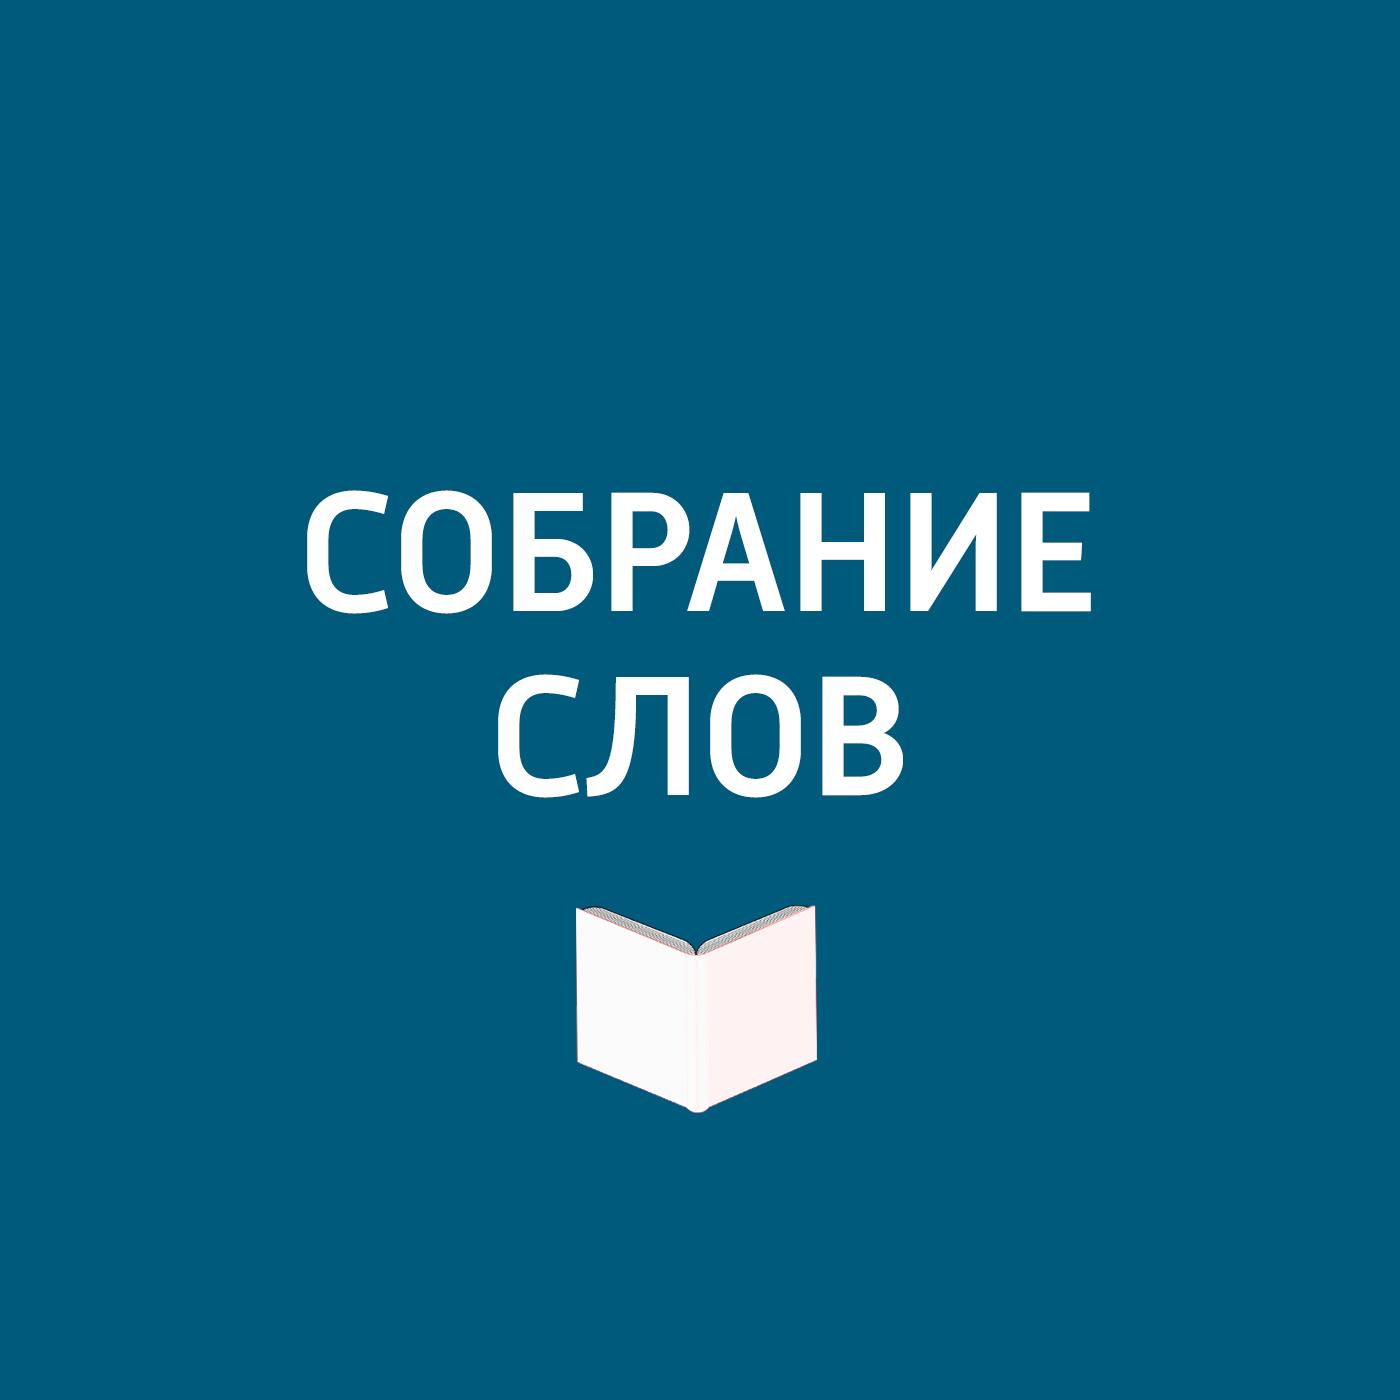 Творческий коллектив программы «Собрание слов» Большое интервью Бориса Литвинцева игорь рызов я всегда знаю что сказать книга тренинг по успешным переговорам